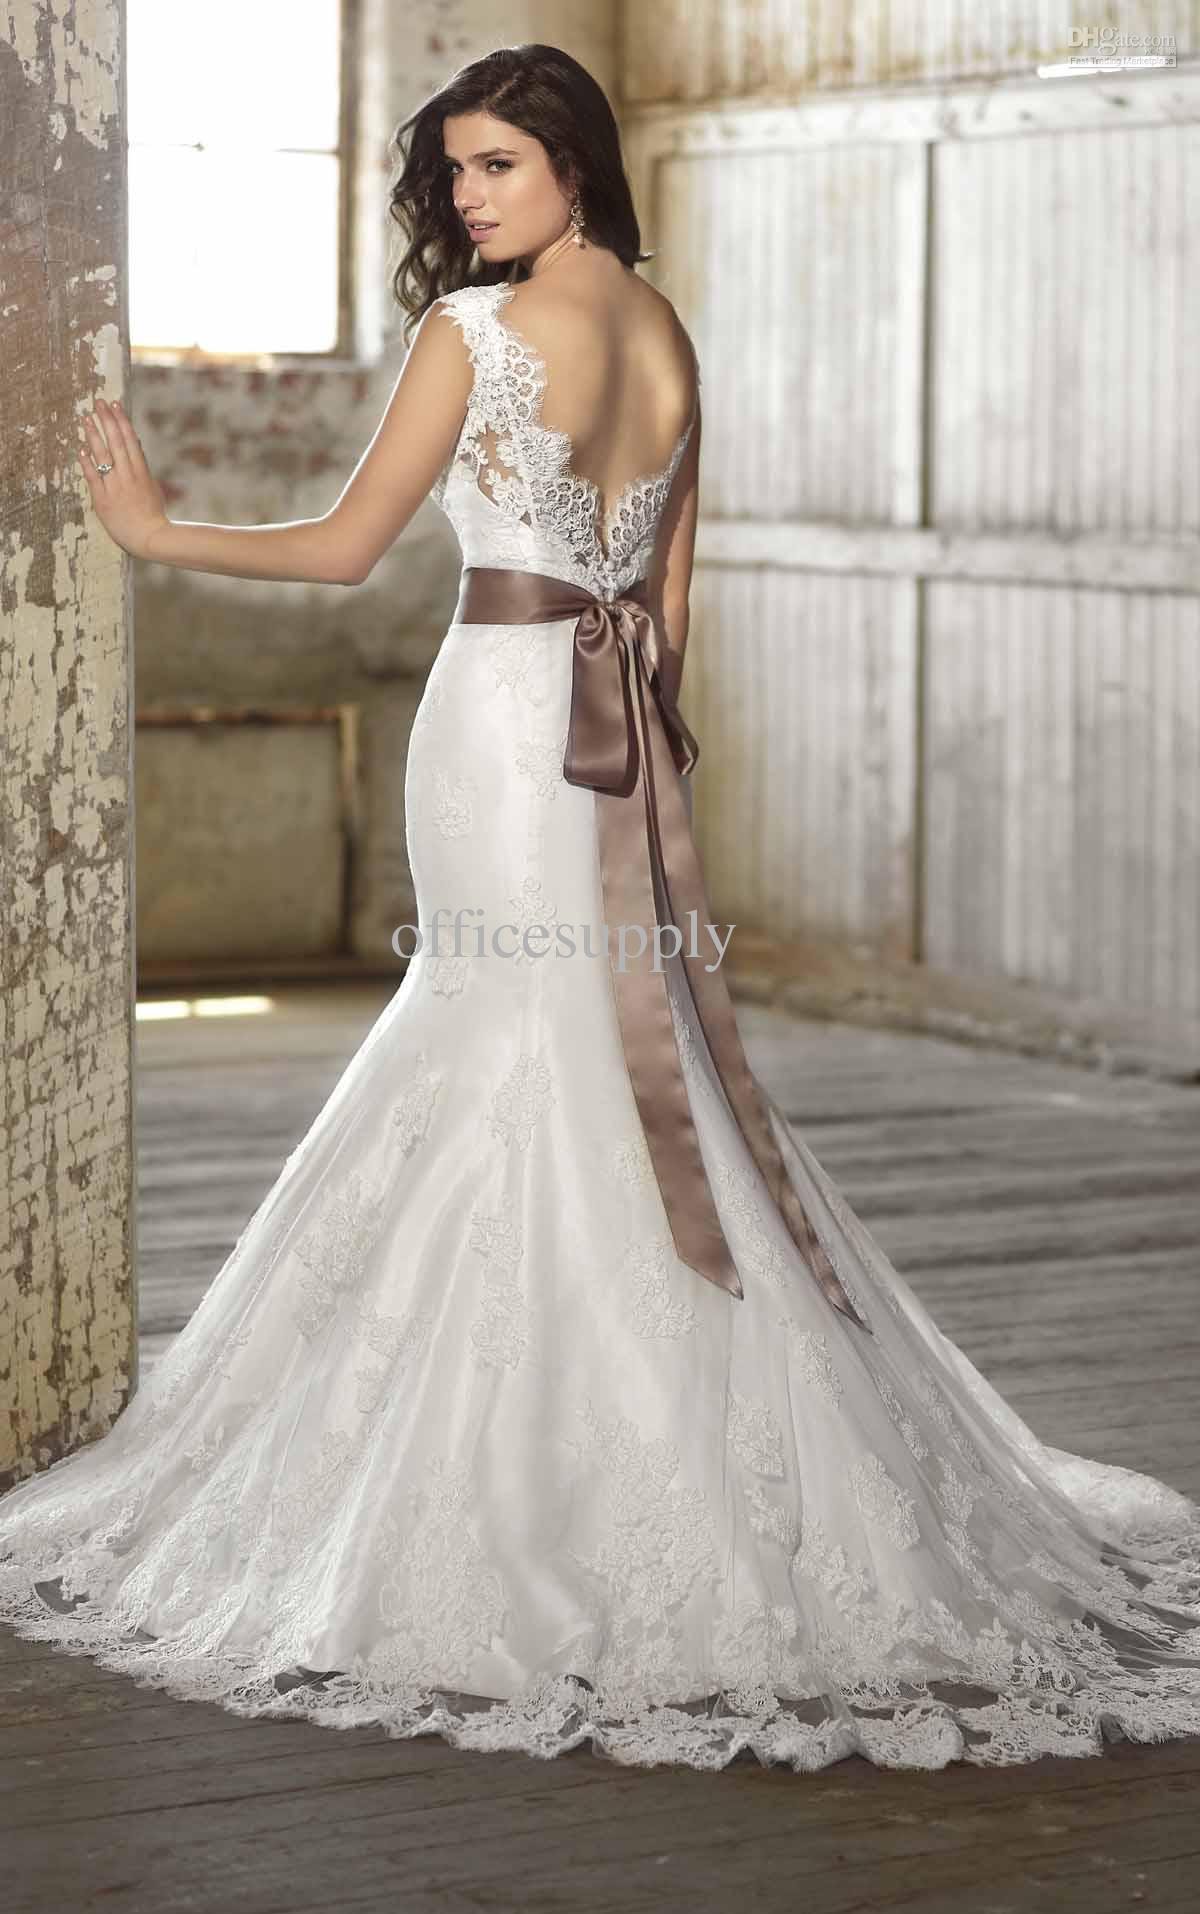 dress for beach wedding lace wedding dresses cheap summer wedding gown dress inspiration 7